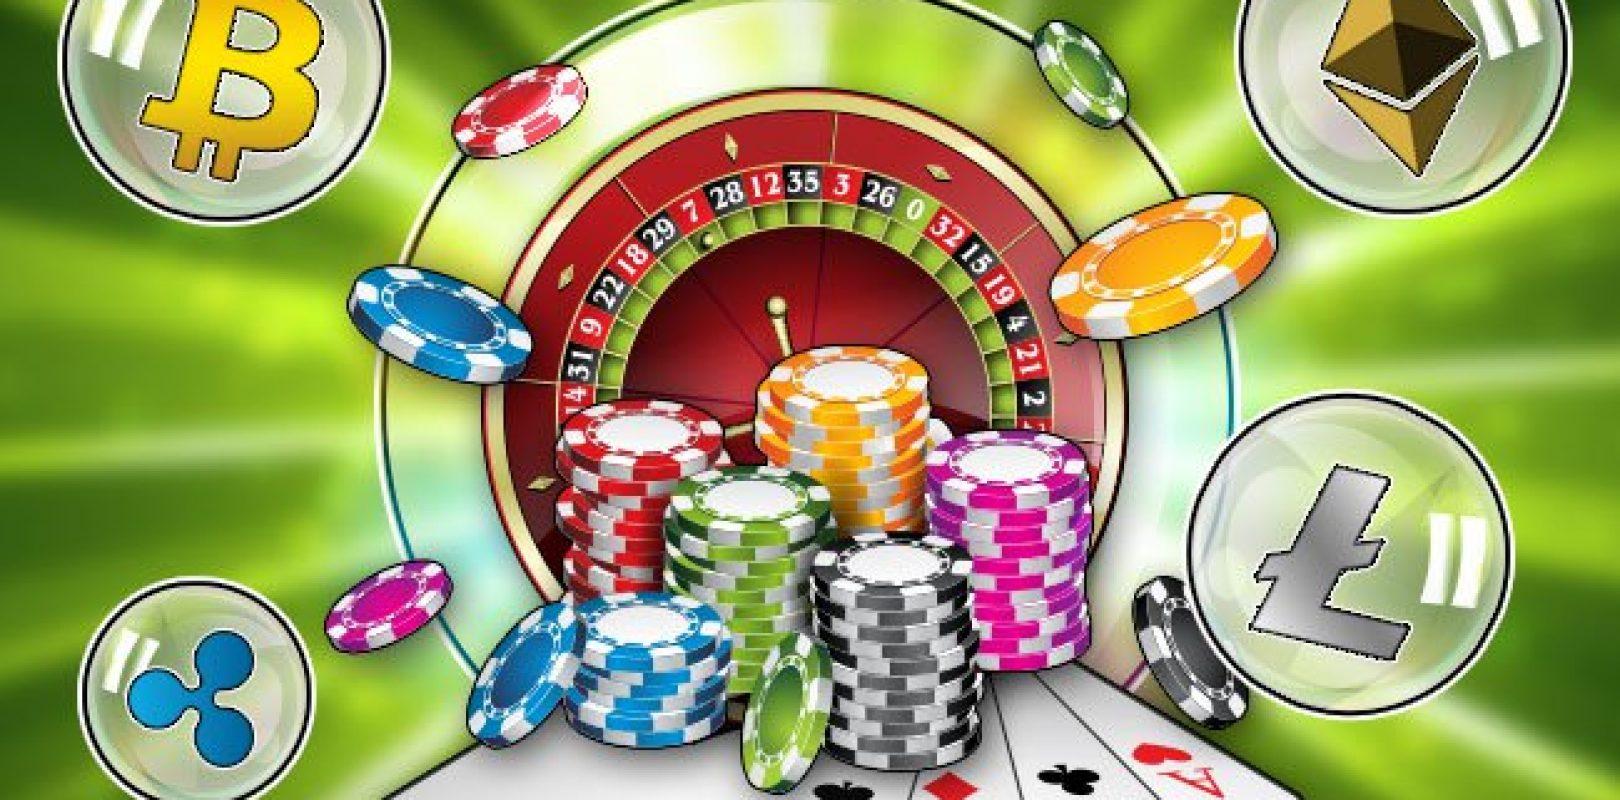 G casino bury new rd